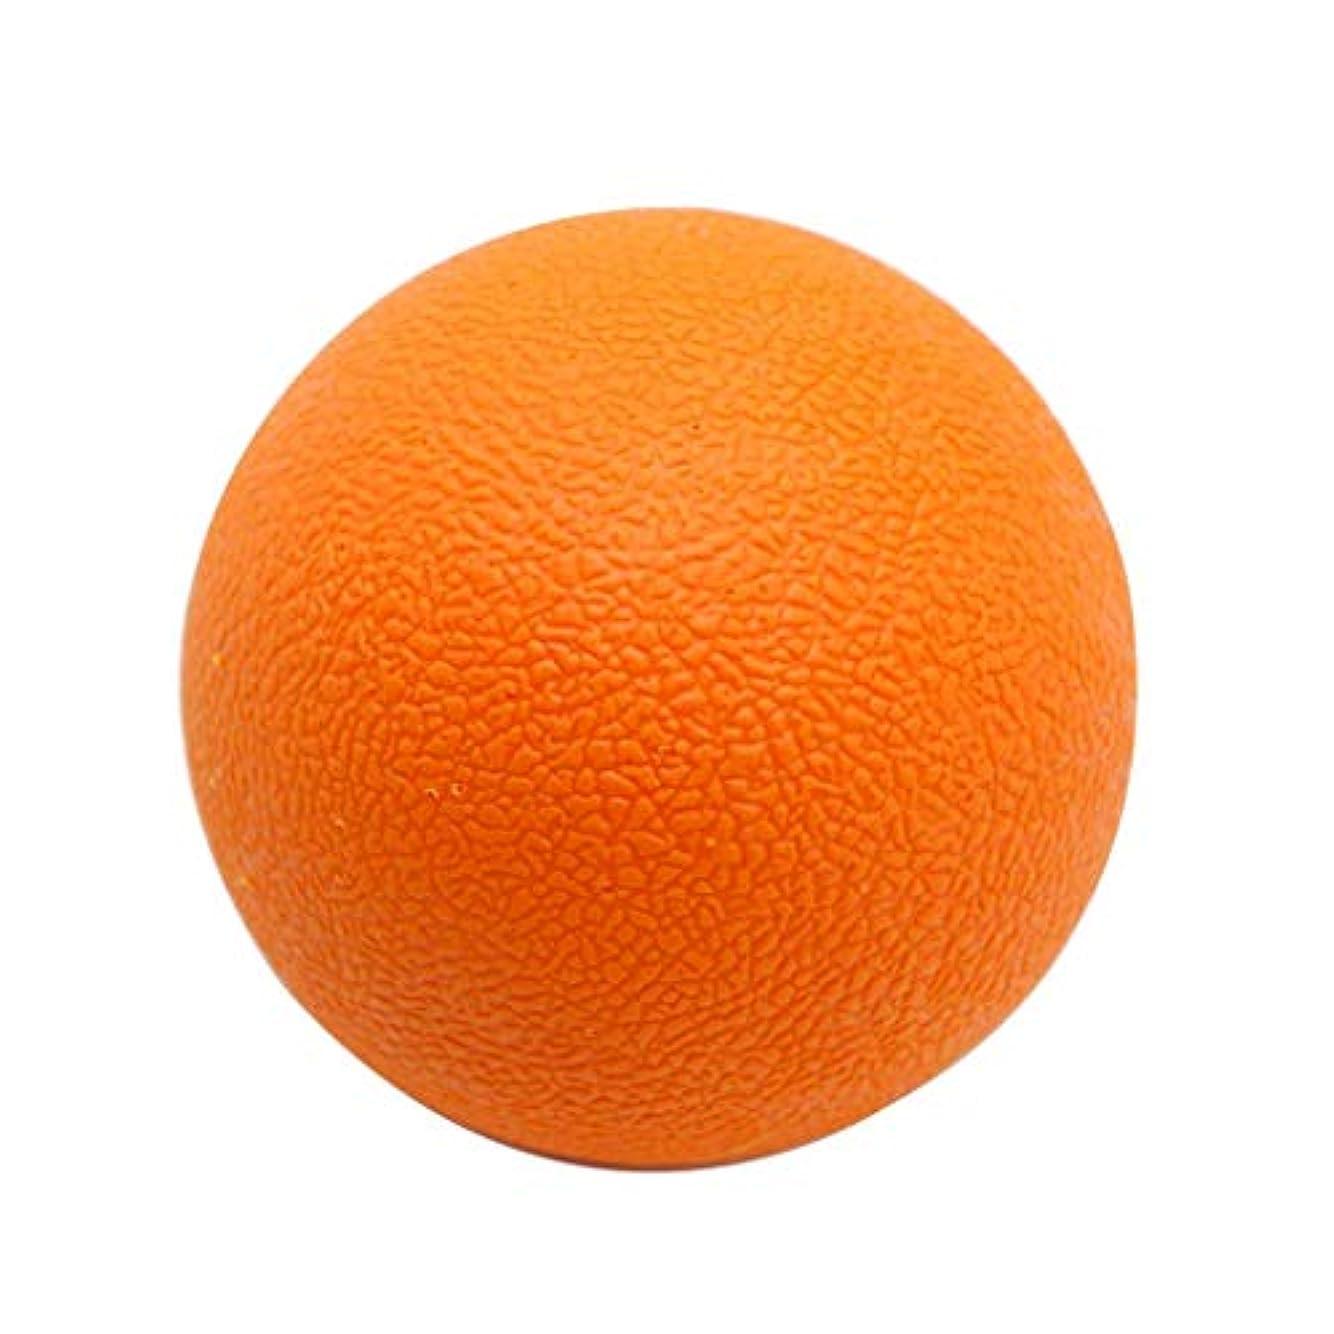 わずらわしい同級生指紋ラクロスボール マッサージボール トリガーポイント 筋膜リリース 背中 首 ツボ押しグッズ オレンジ